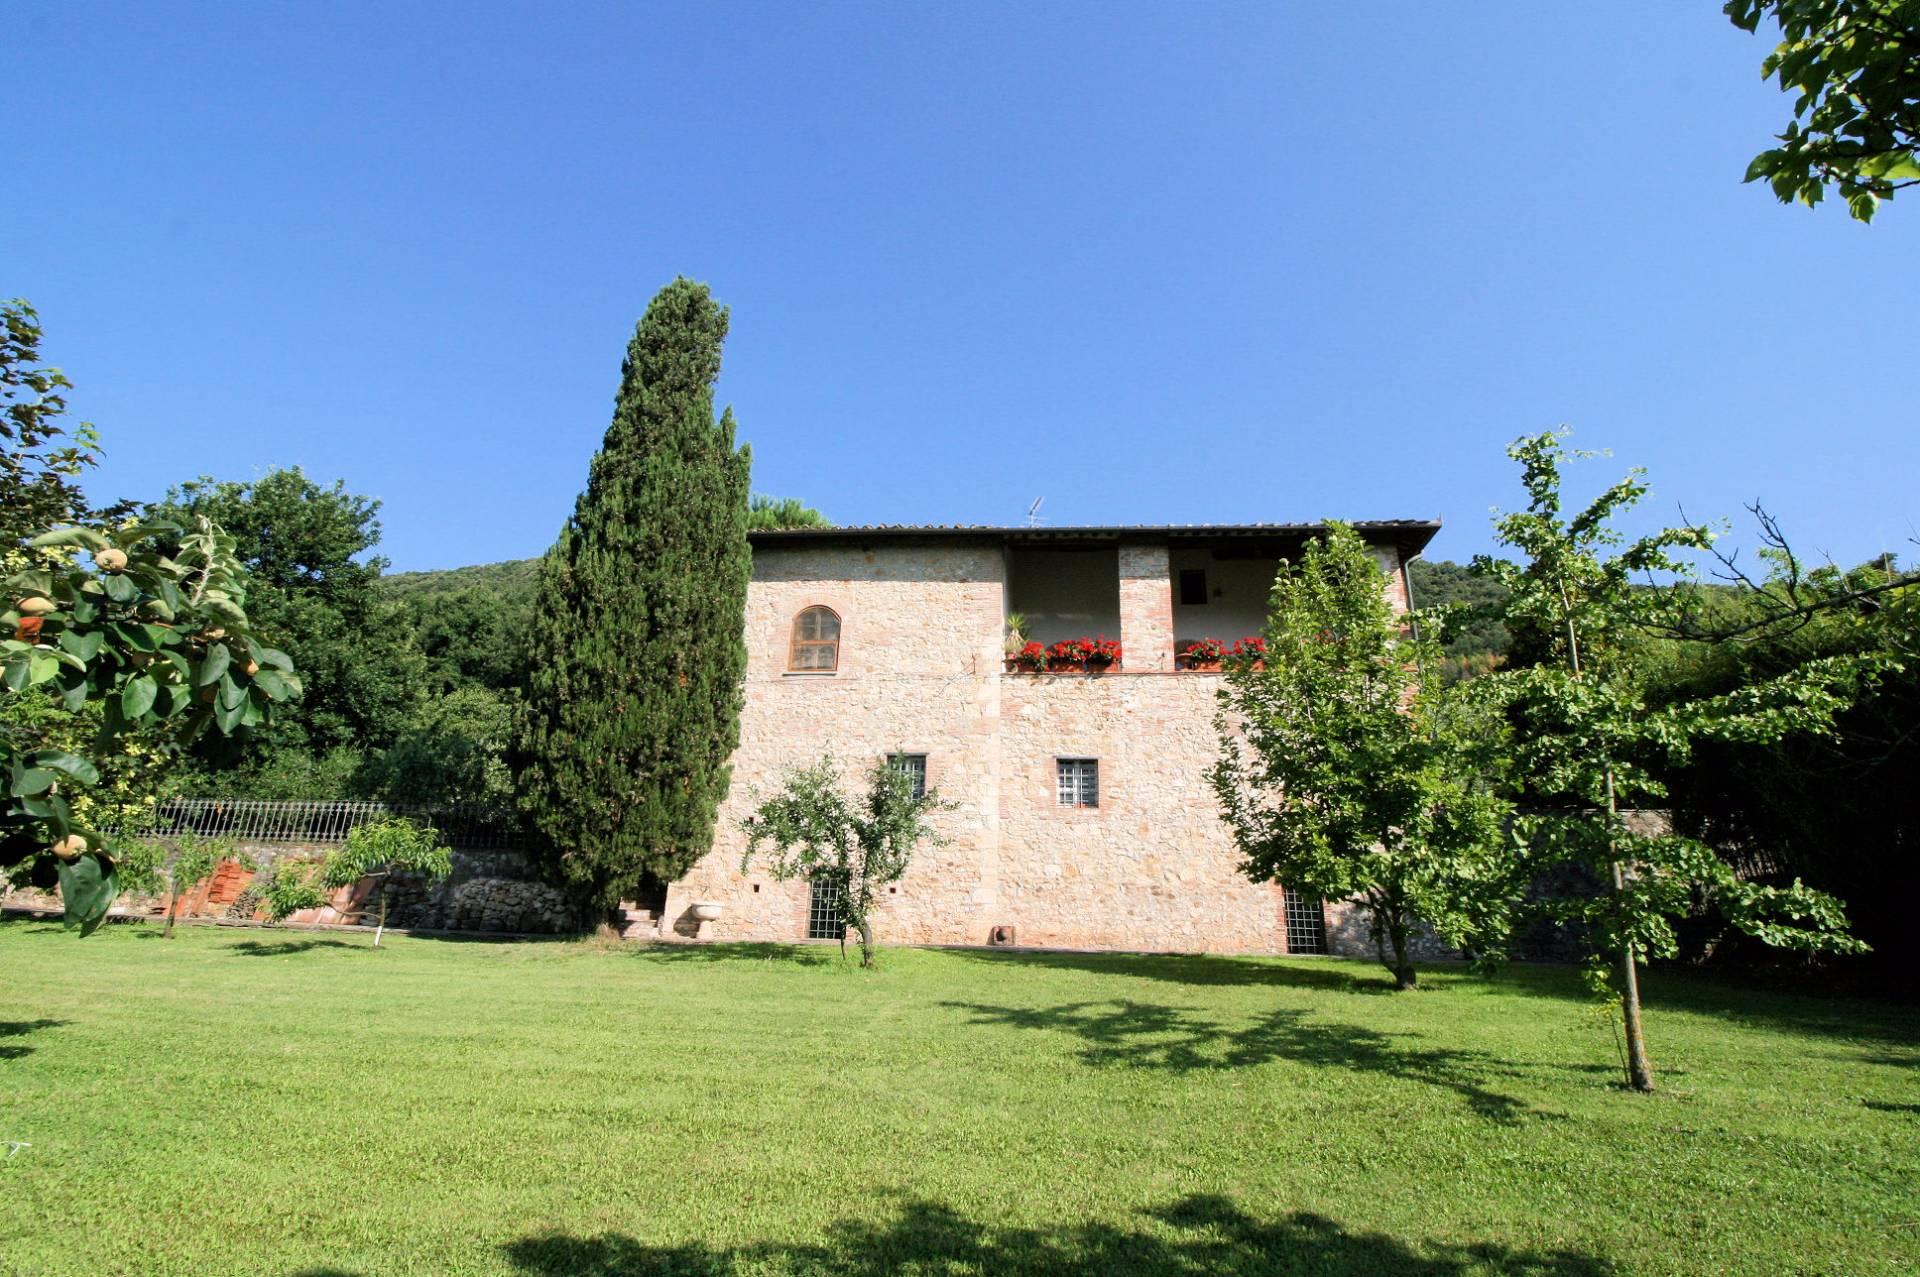 Rustico / Casale in vendita a Lucca, 16 locali, zona Zona: Maggiano, prezzo € 1.280.000 | Cambio Casa.it